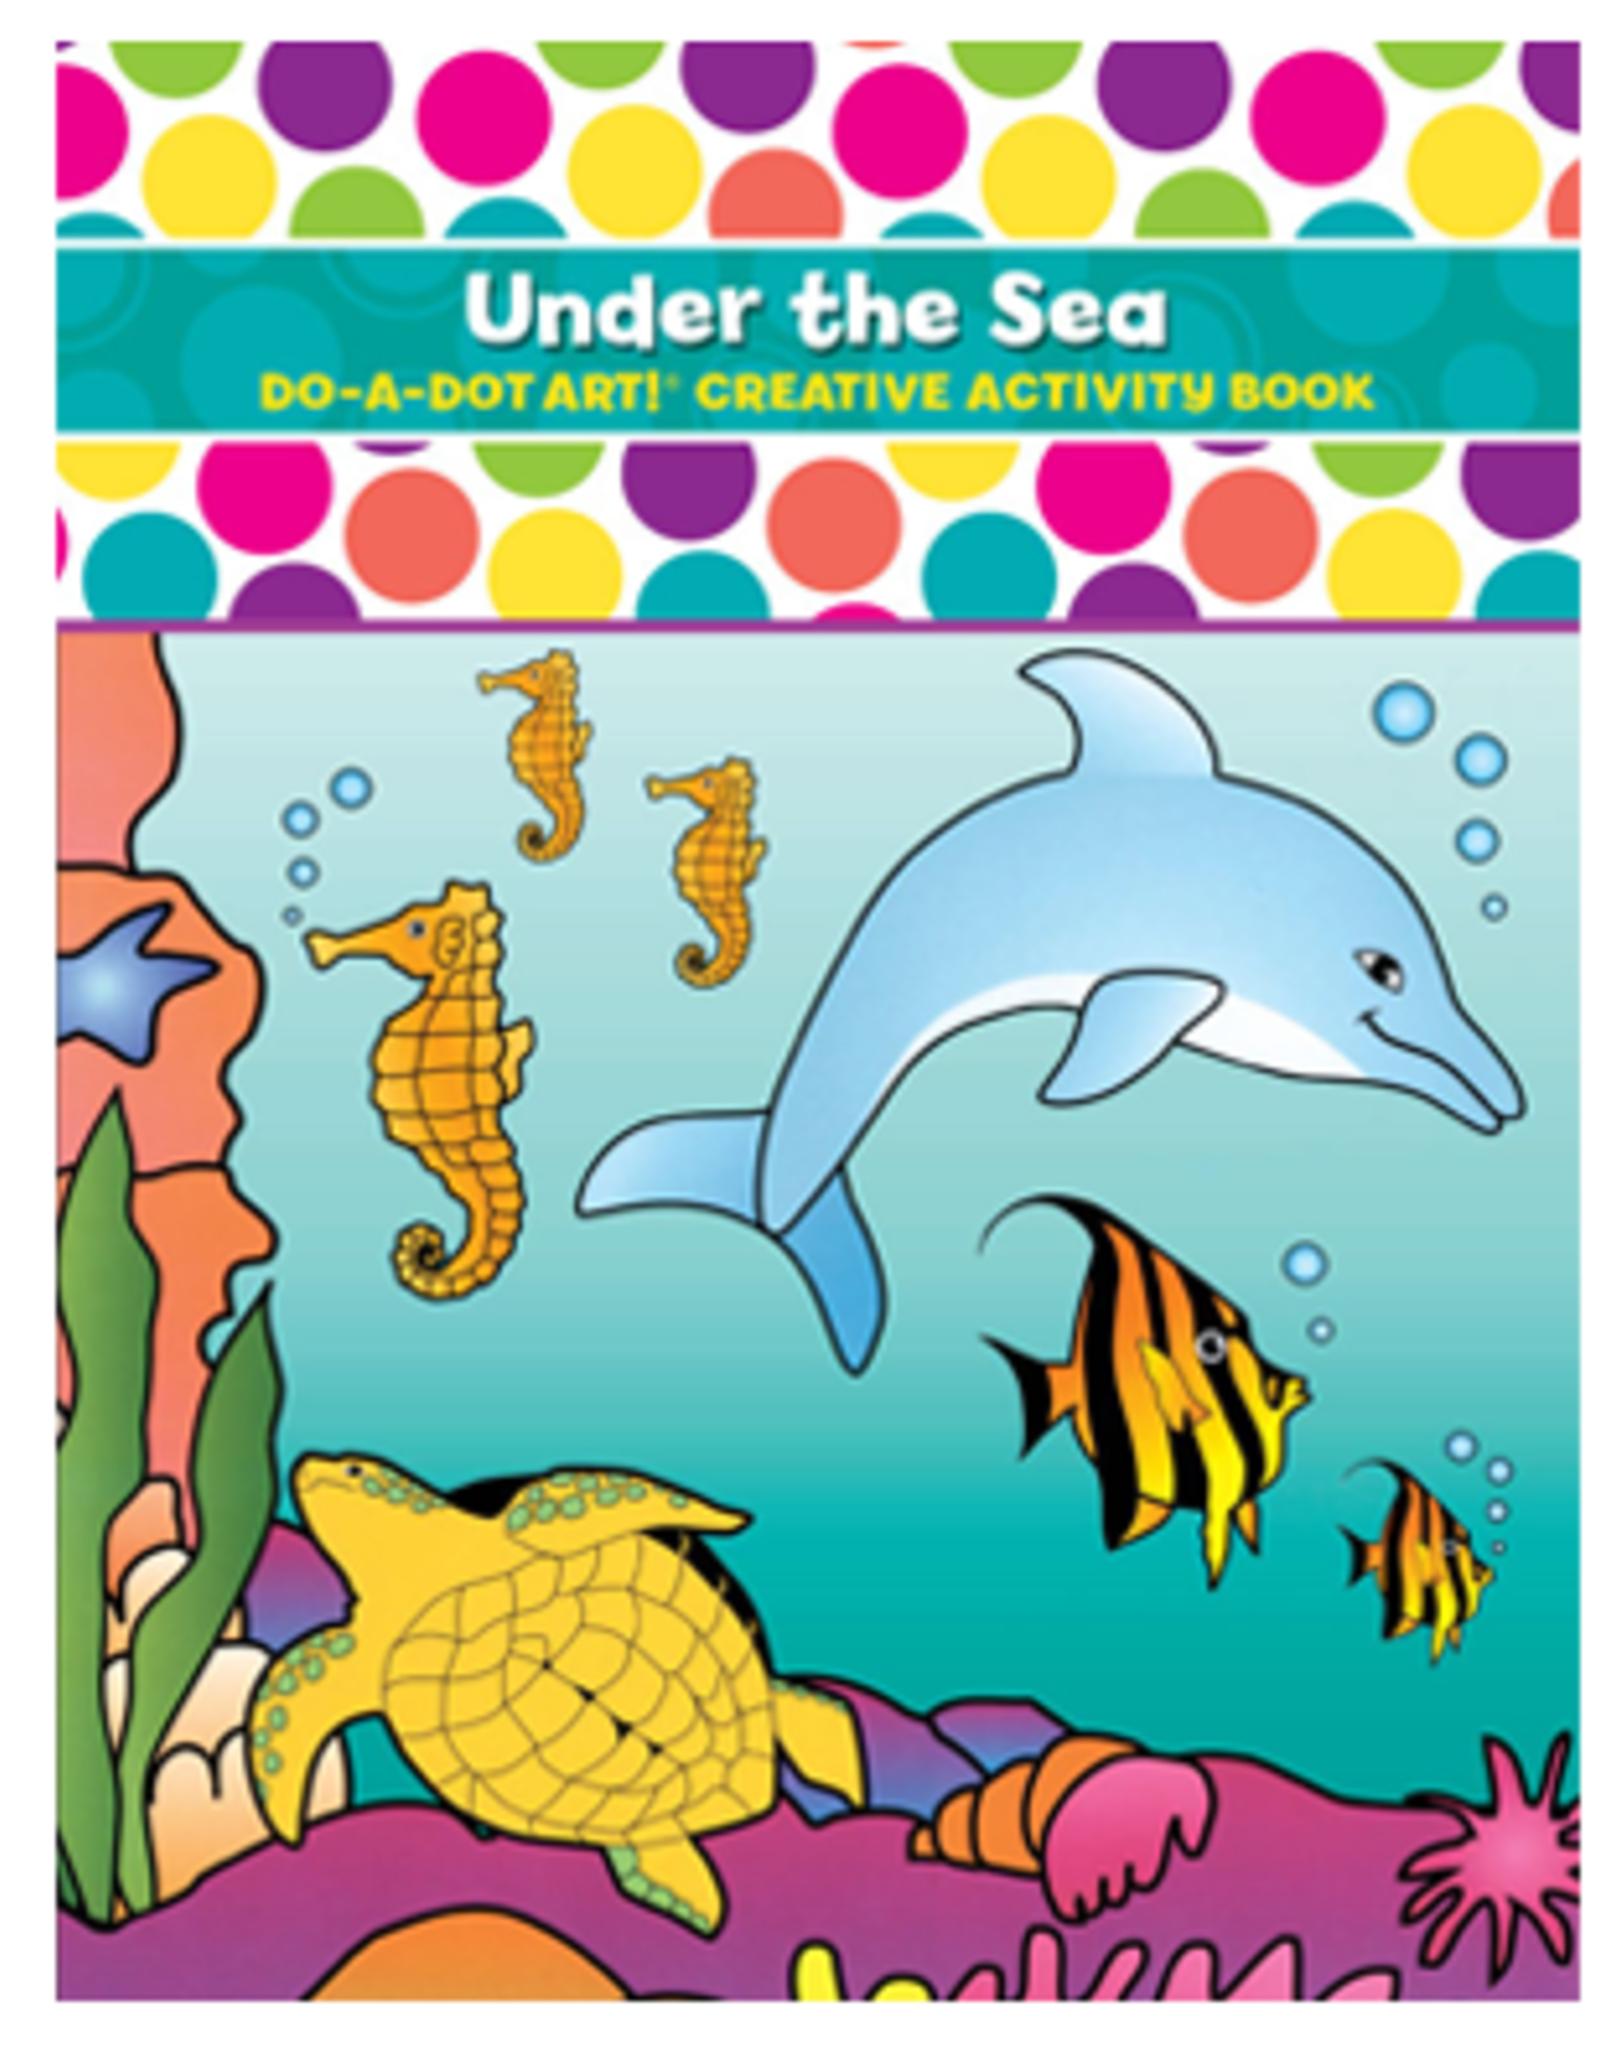 Do A Dot Art Do-A-Dot Book - Under the Sea